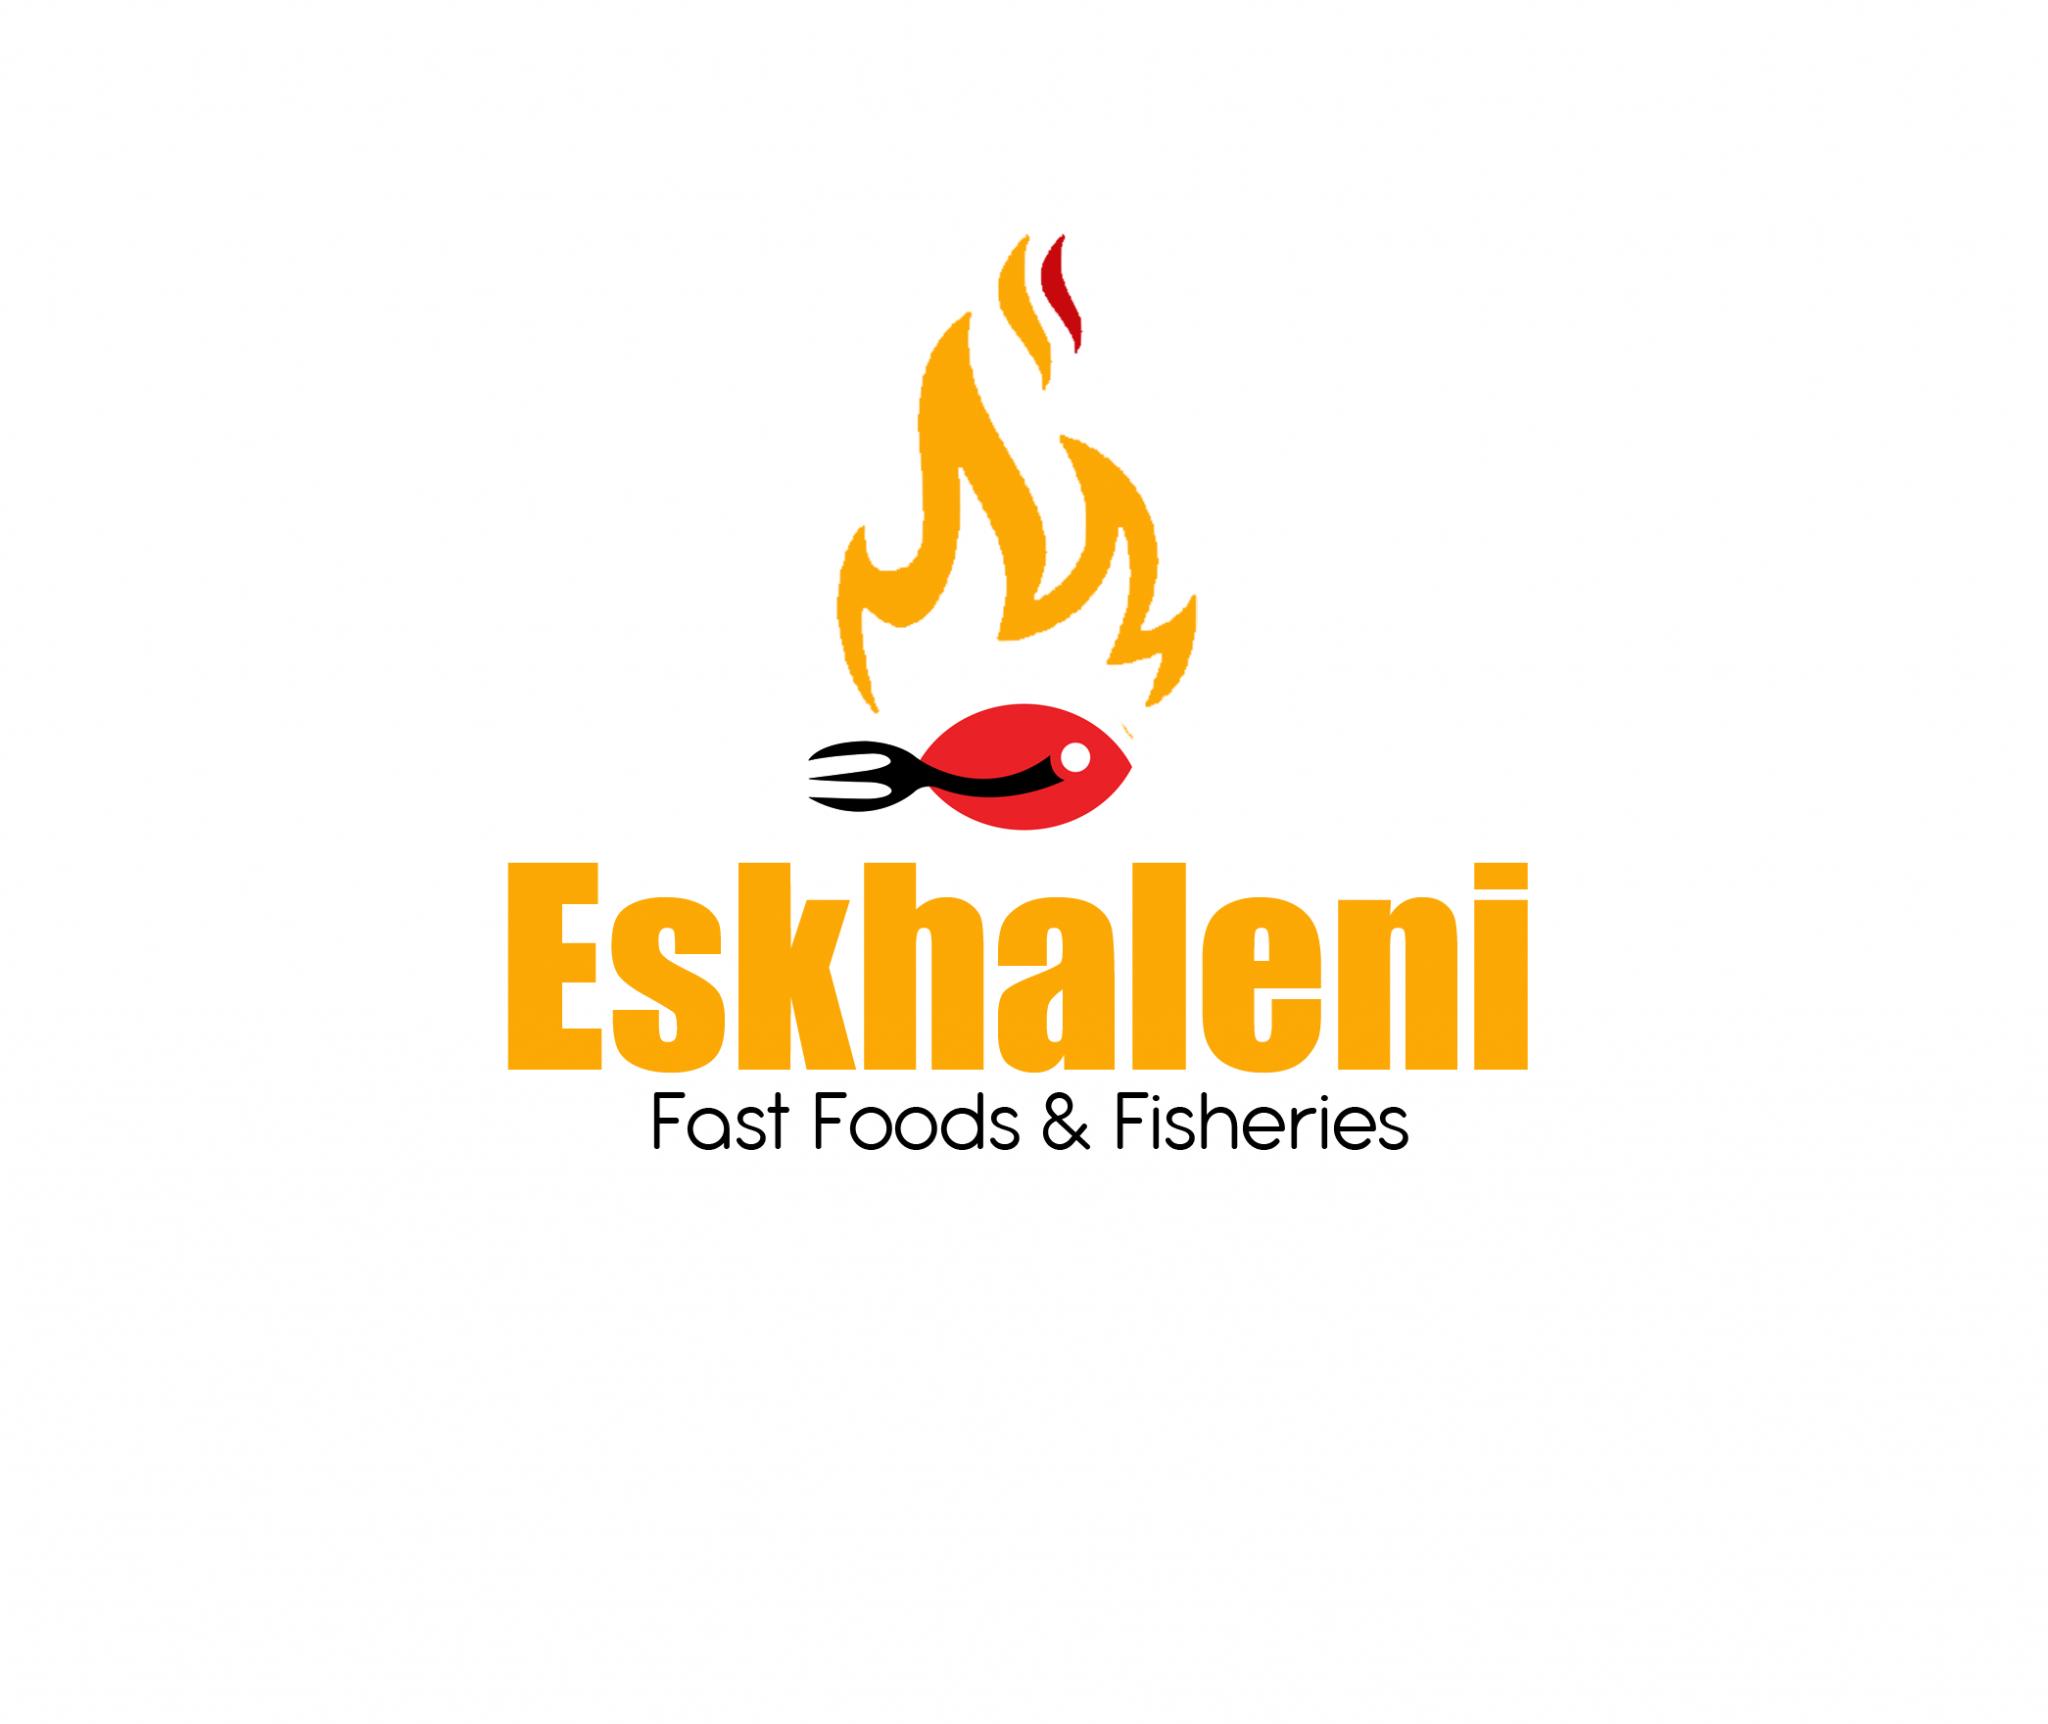 Eskhaleni Logo